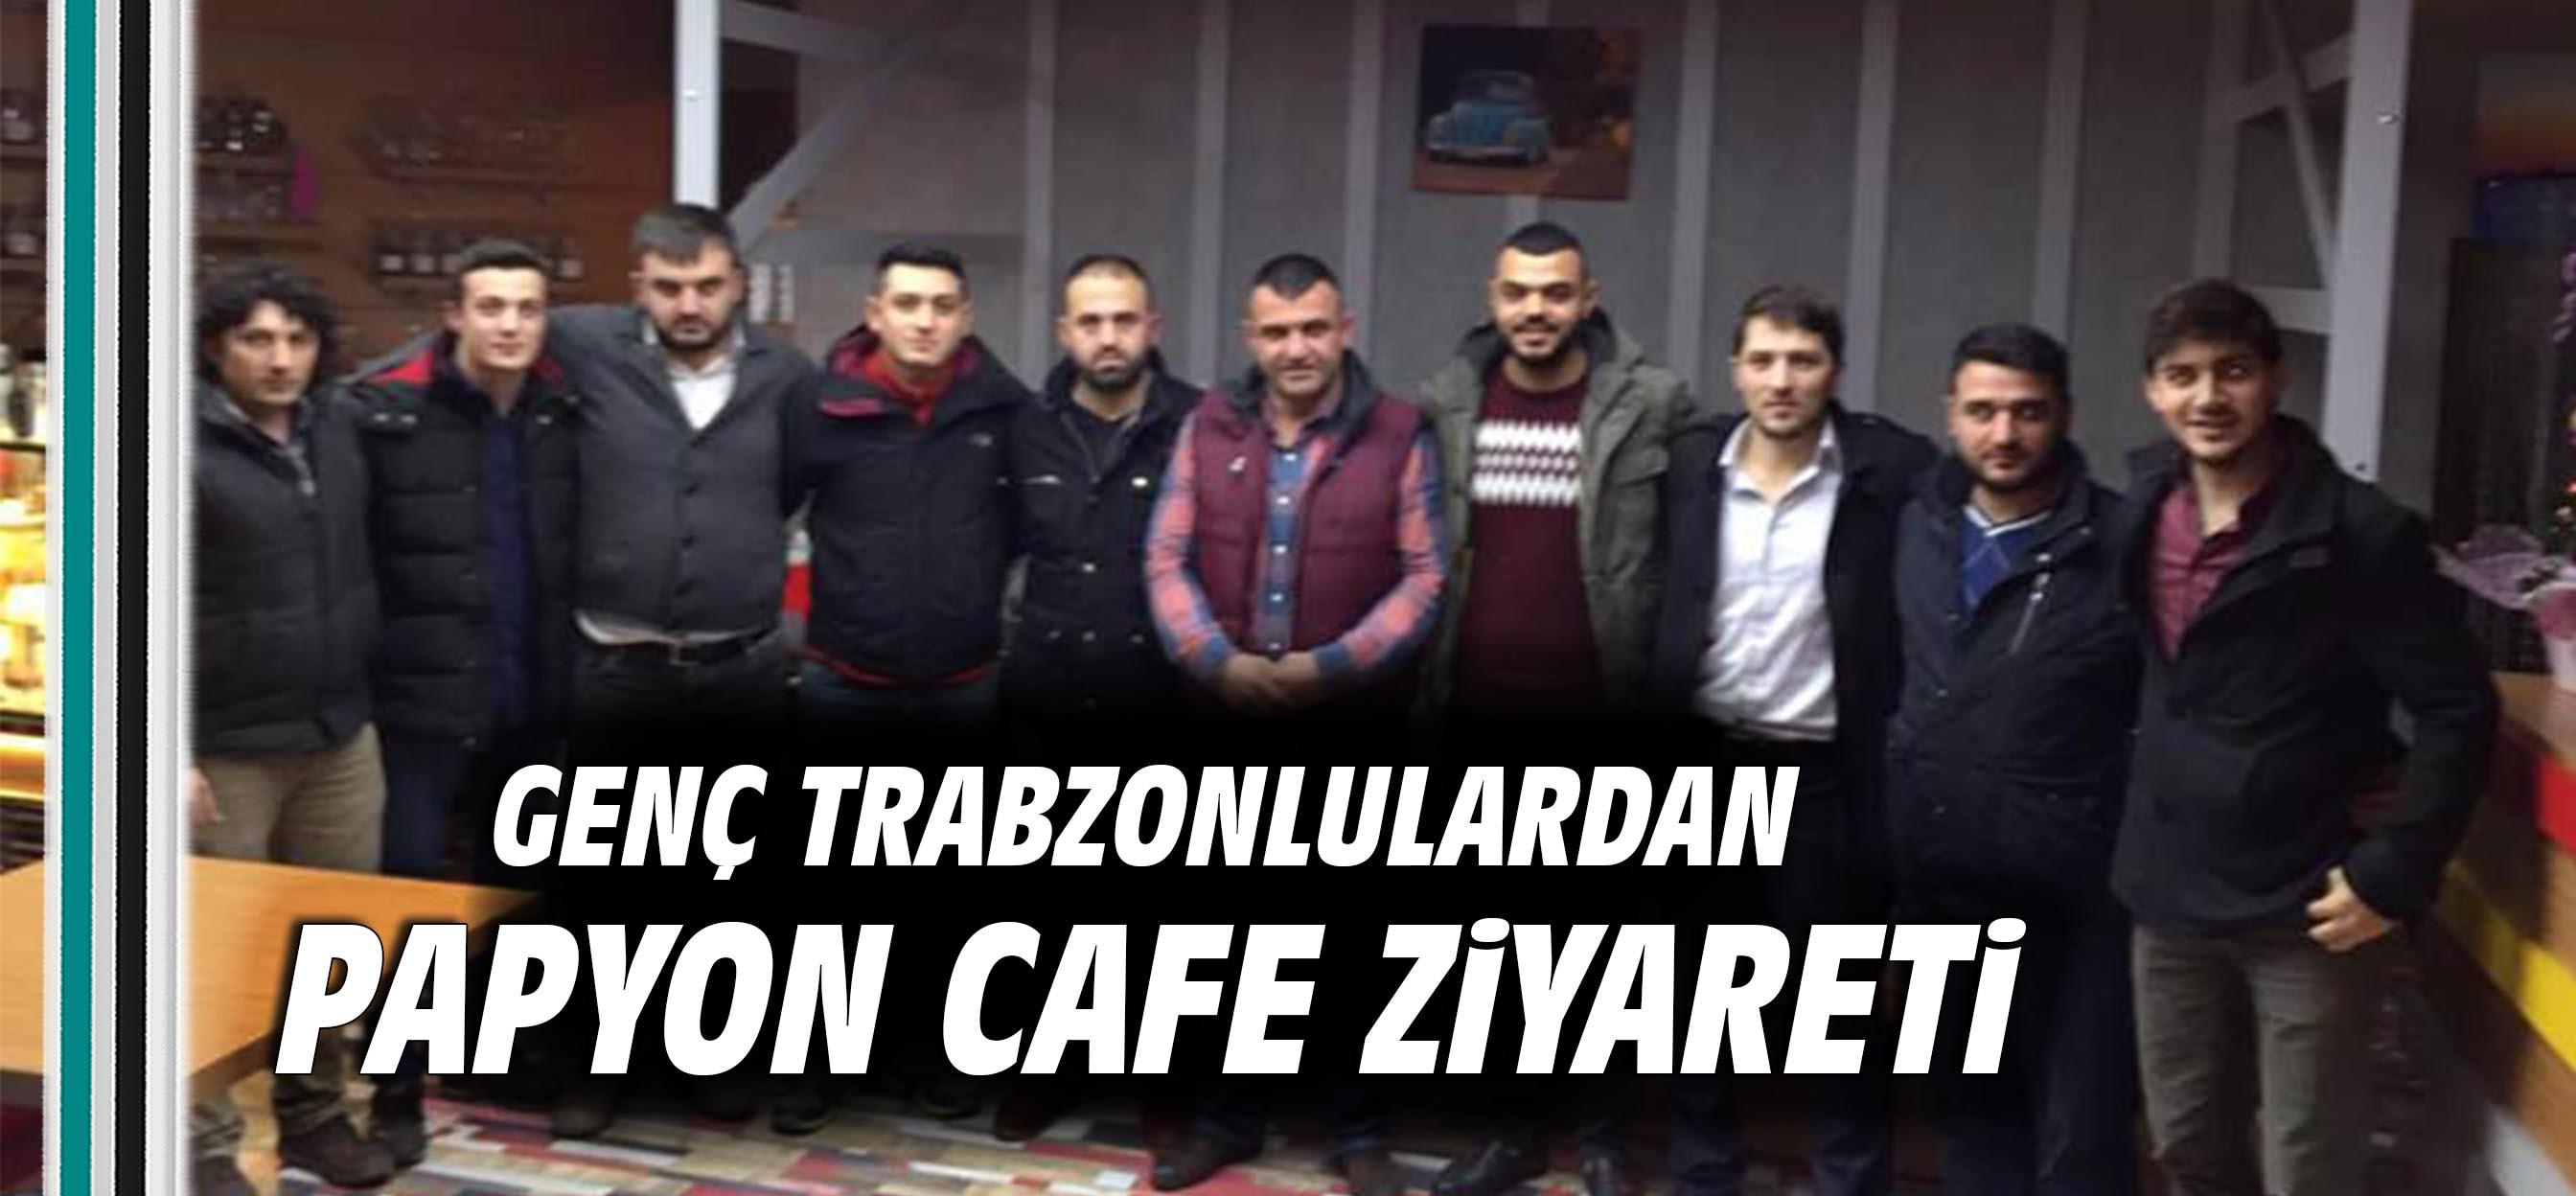 Genç Trabzonlulardan Papyon Cafe ziyareti